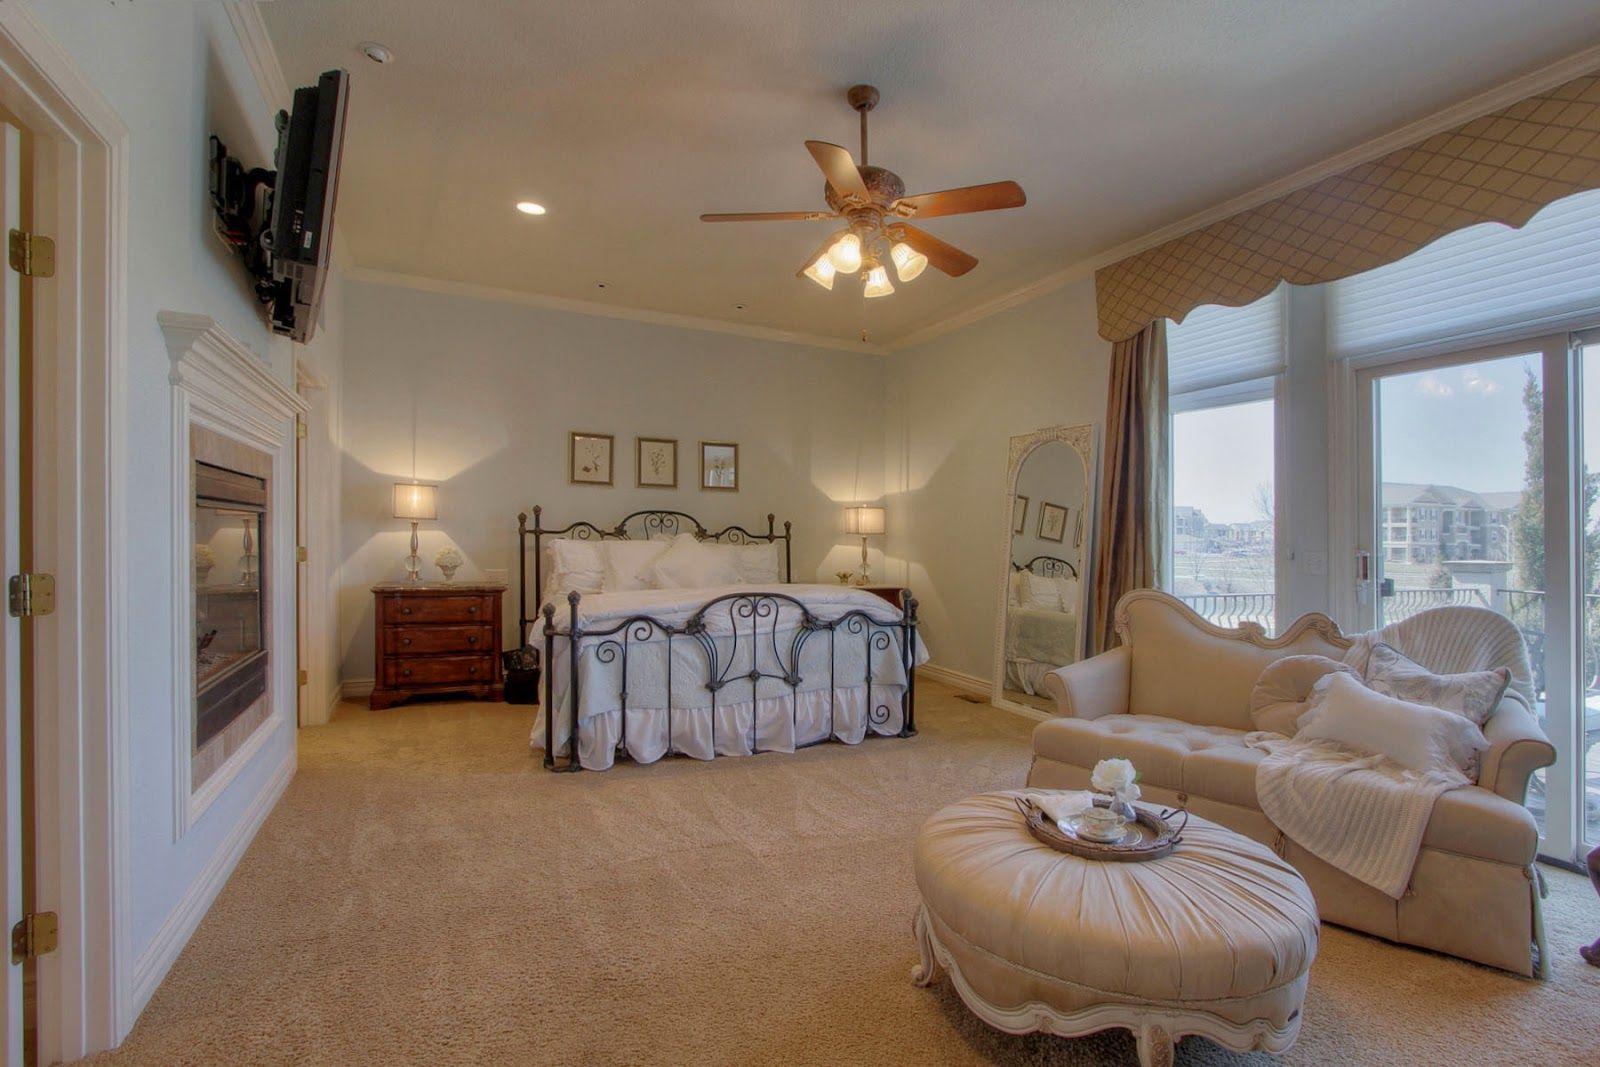 168 reference of bedroom wooden floor tiles in 2020